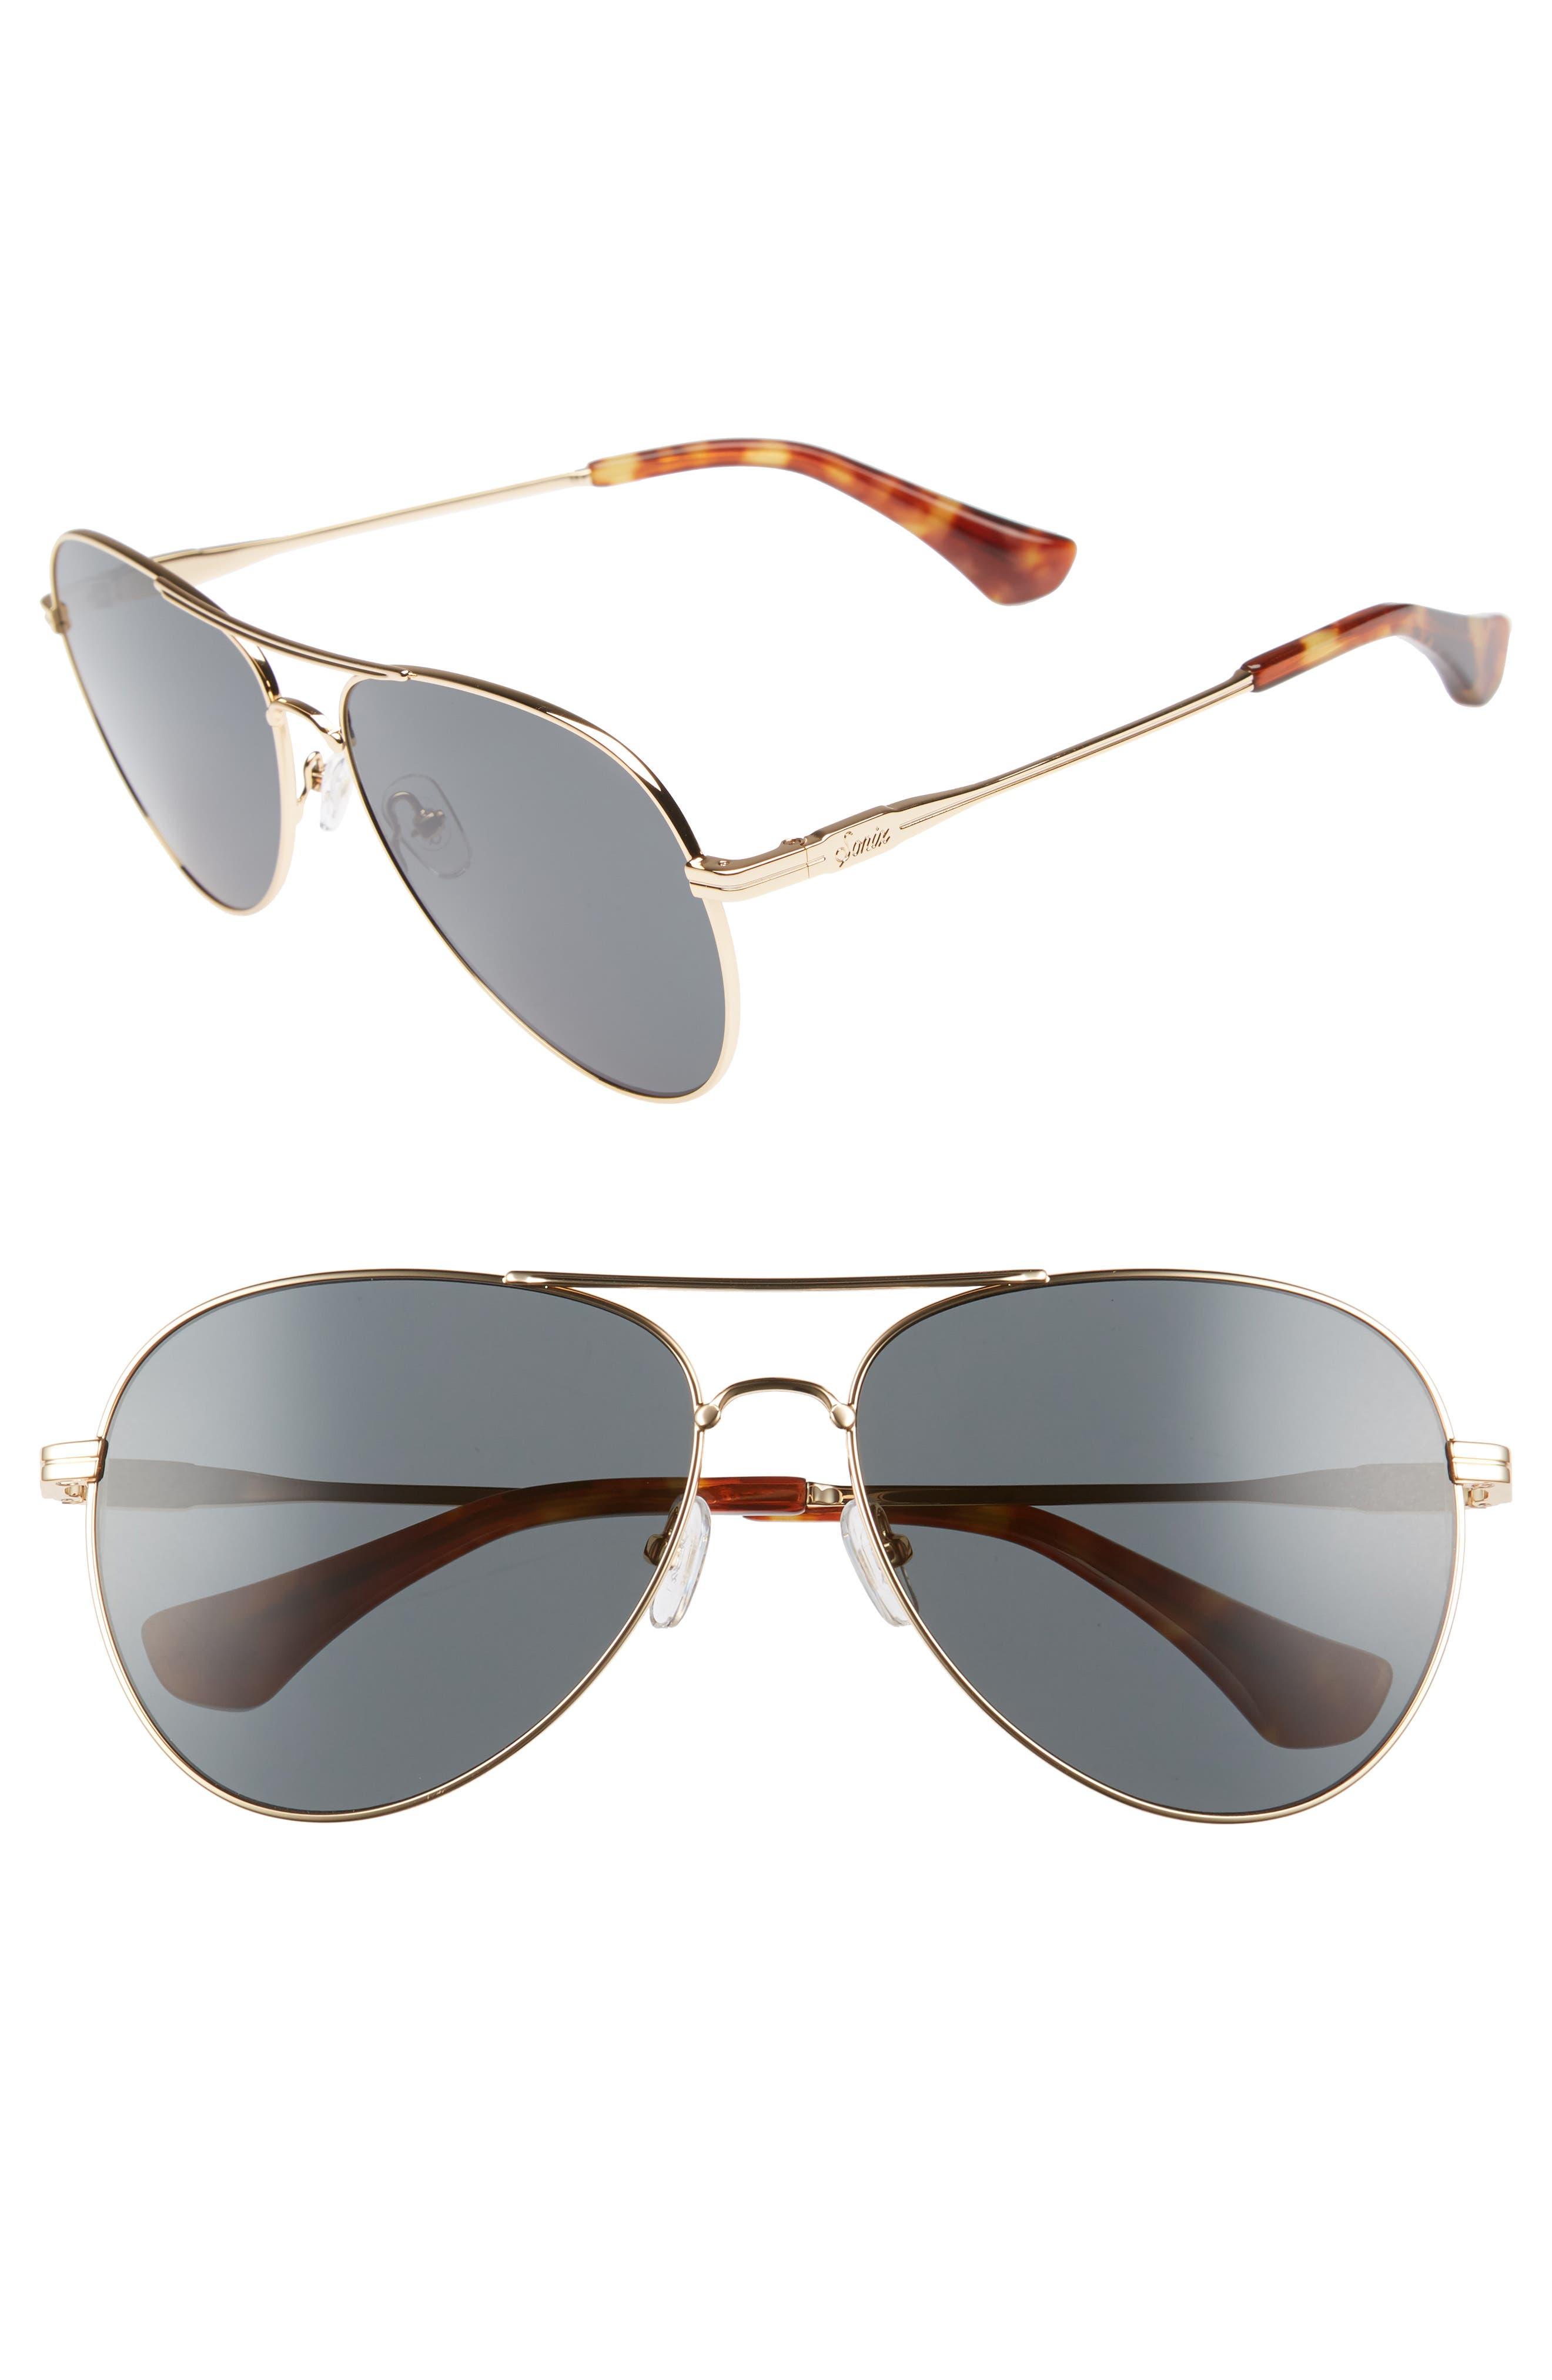 Lodi 61mm Mirrored Aviator Sunglasses,                         Main,                         color, Gold Wire/ Black Solid